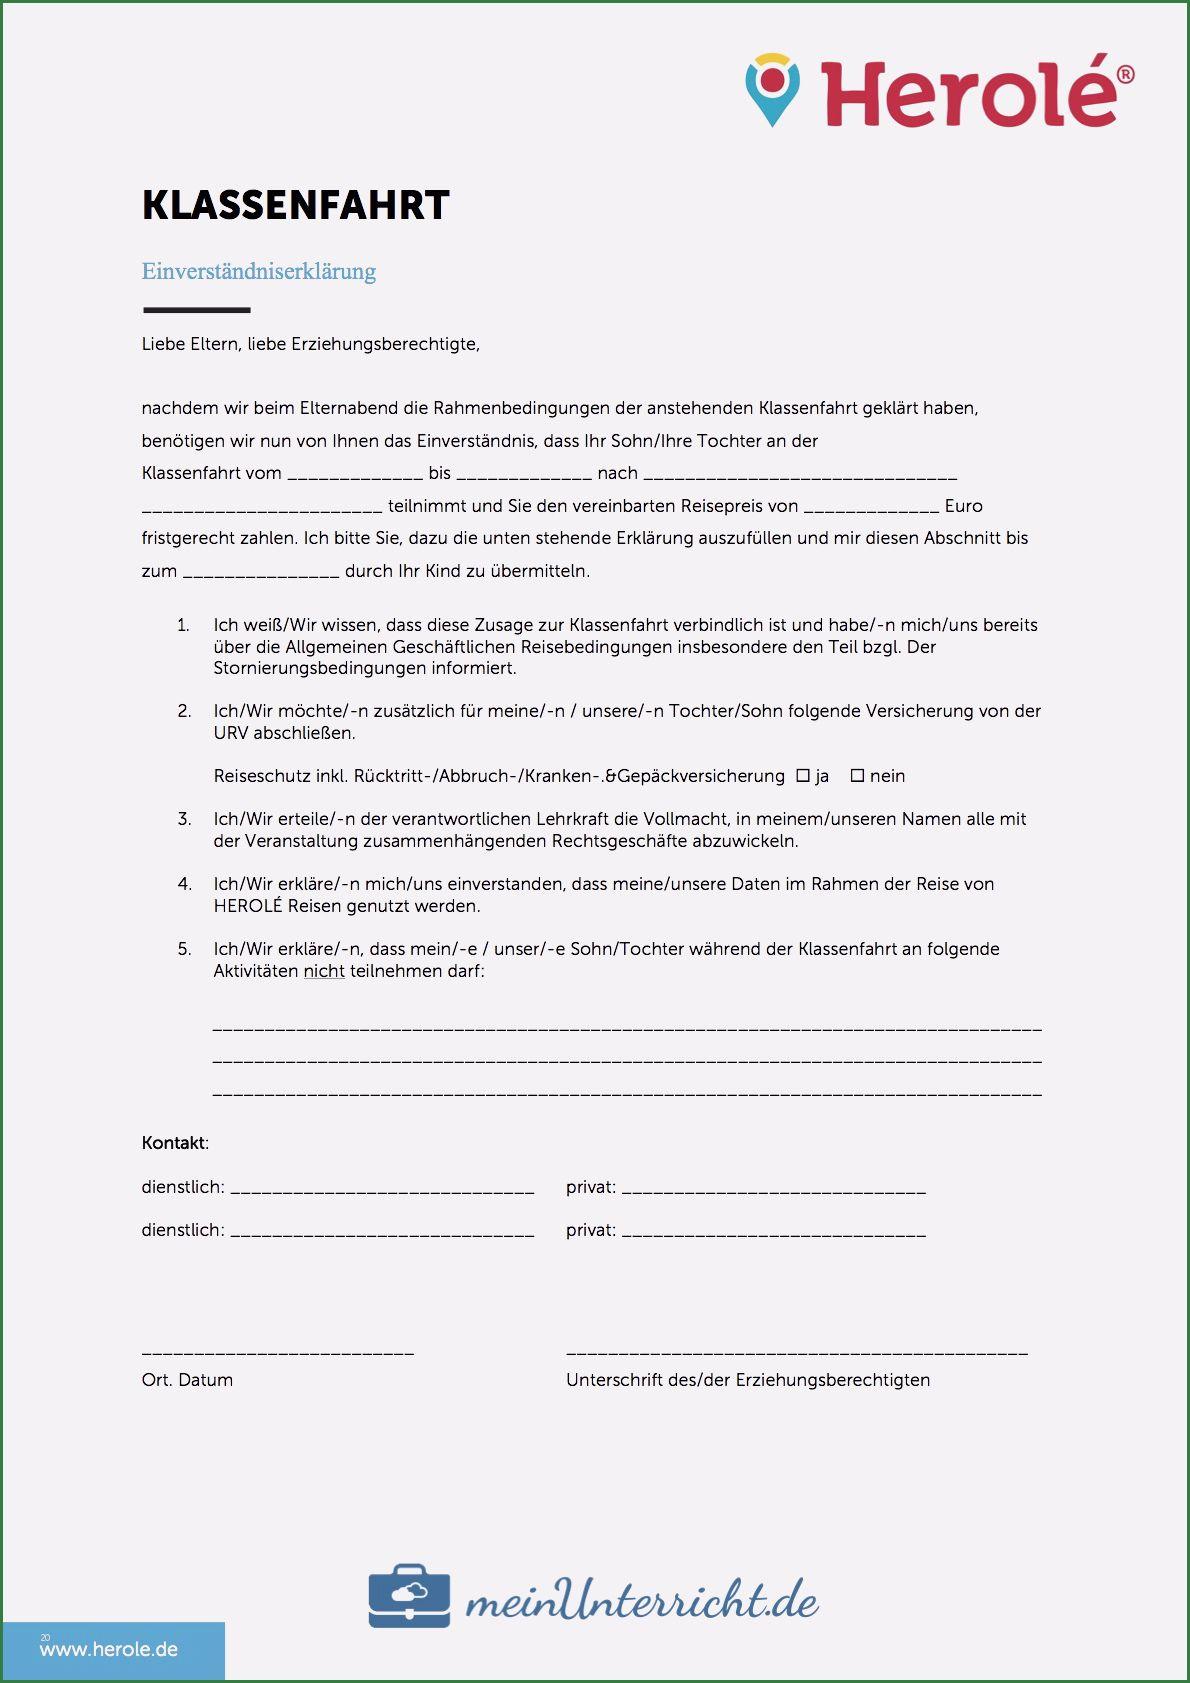 Beste Einverstandniserklarung Vorlage In 2020 In 2020 Klassenfahrt Elternbriefe Briefkopf Vorlage